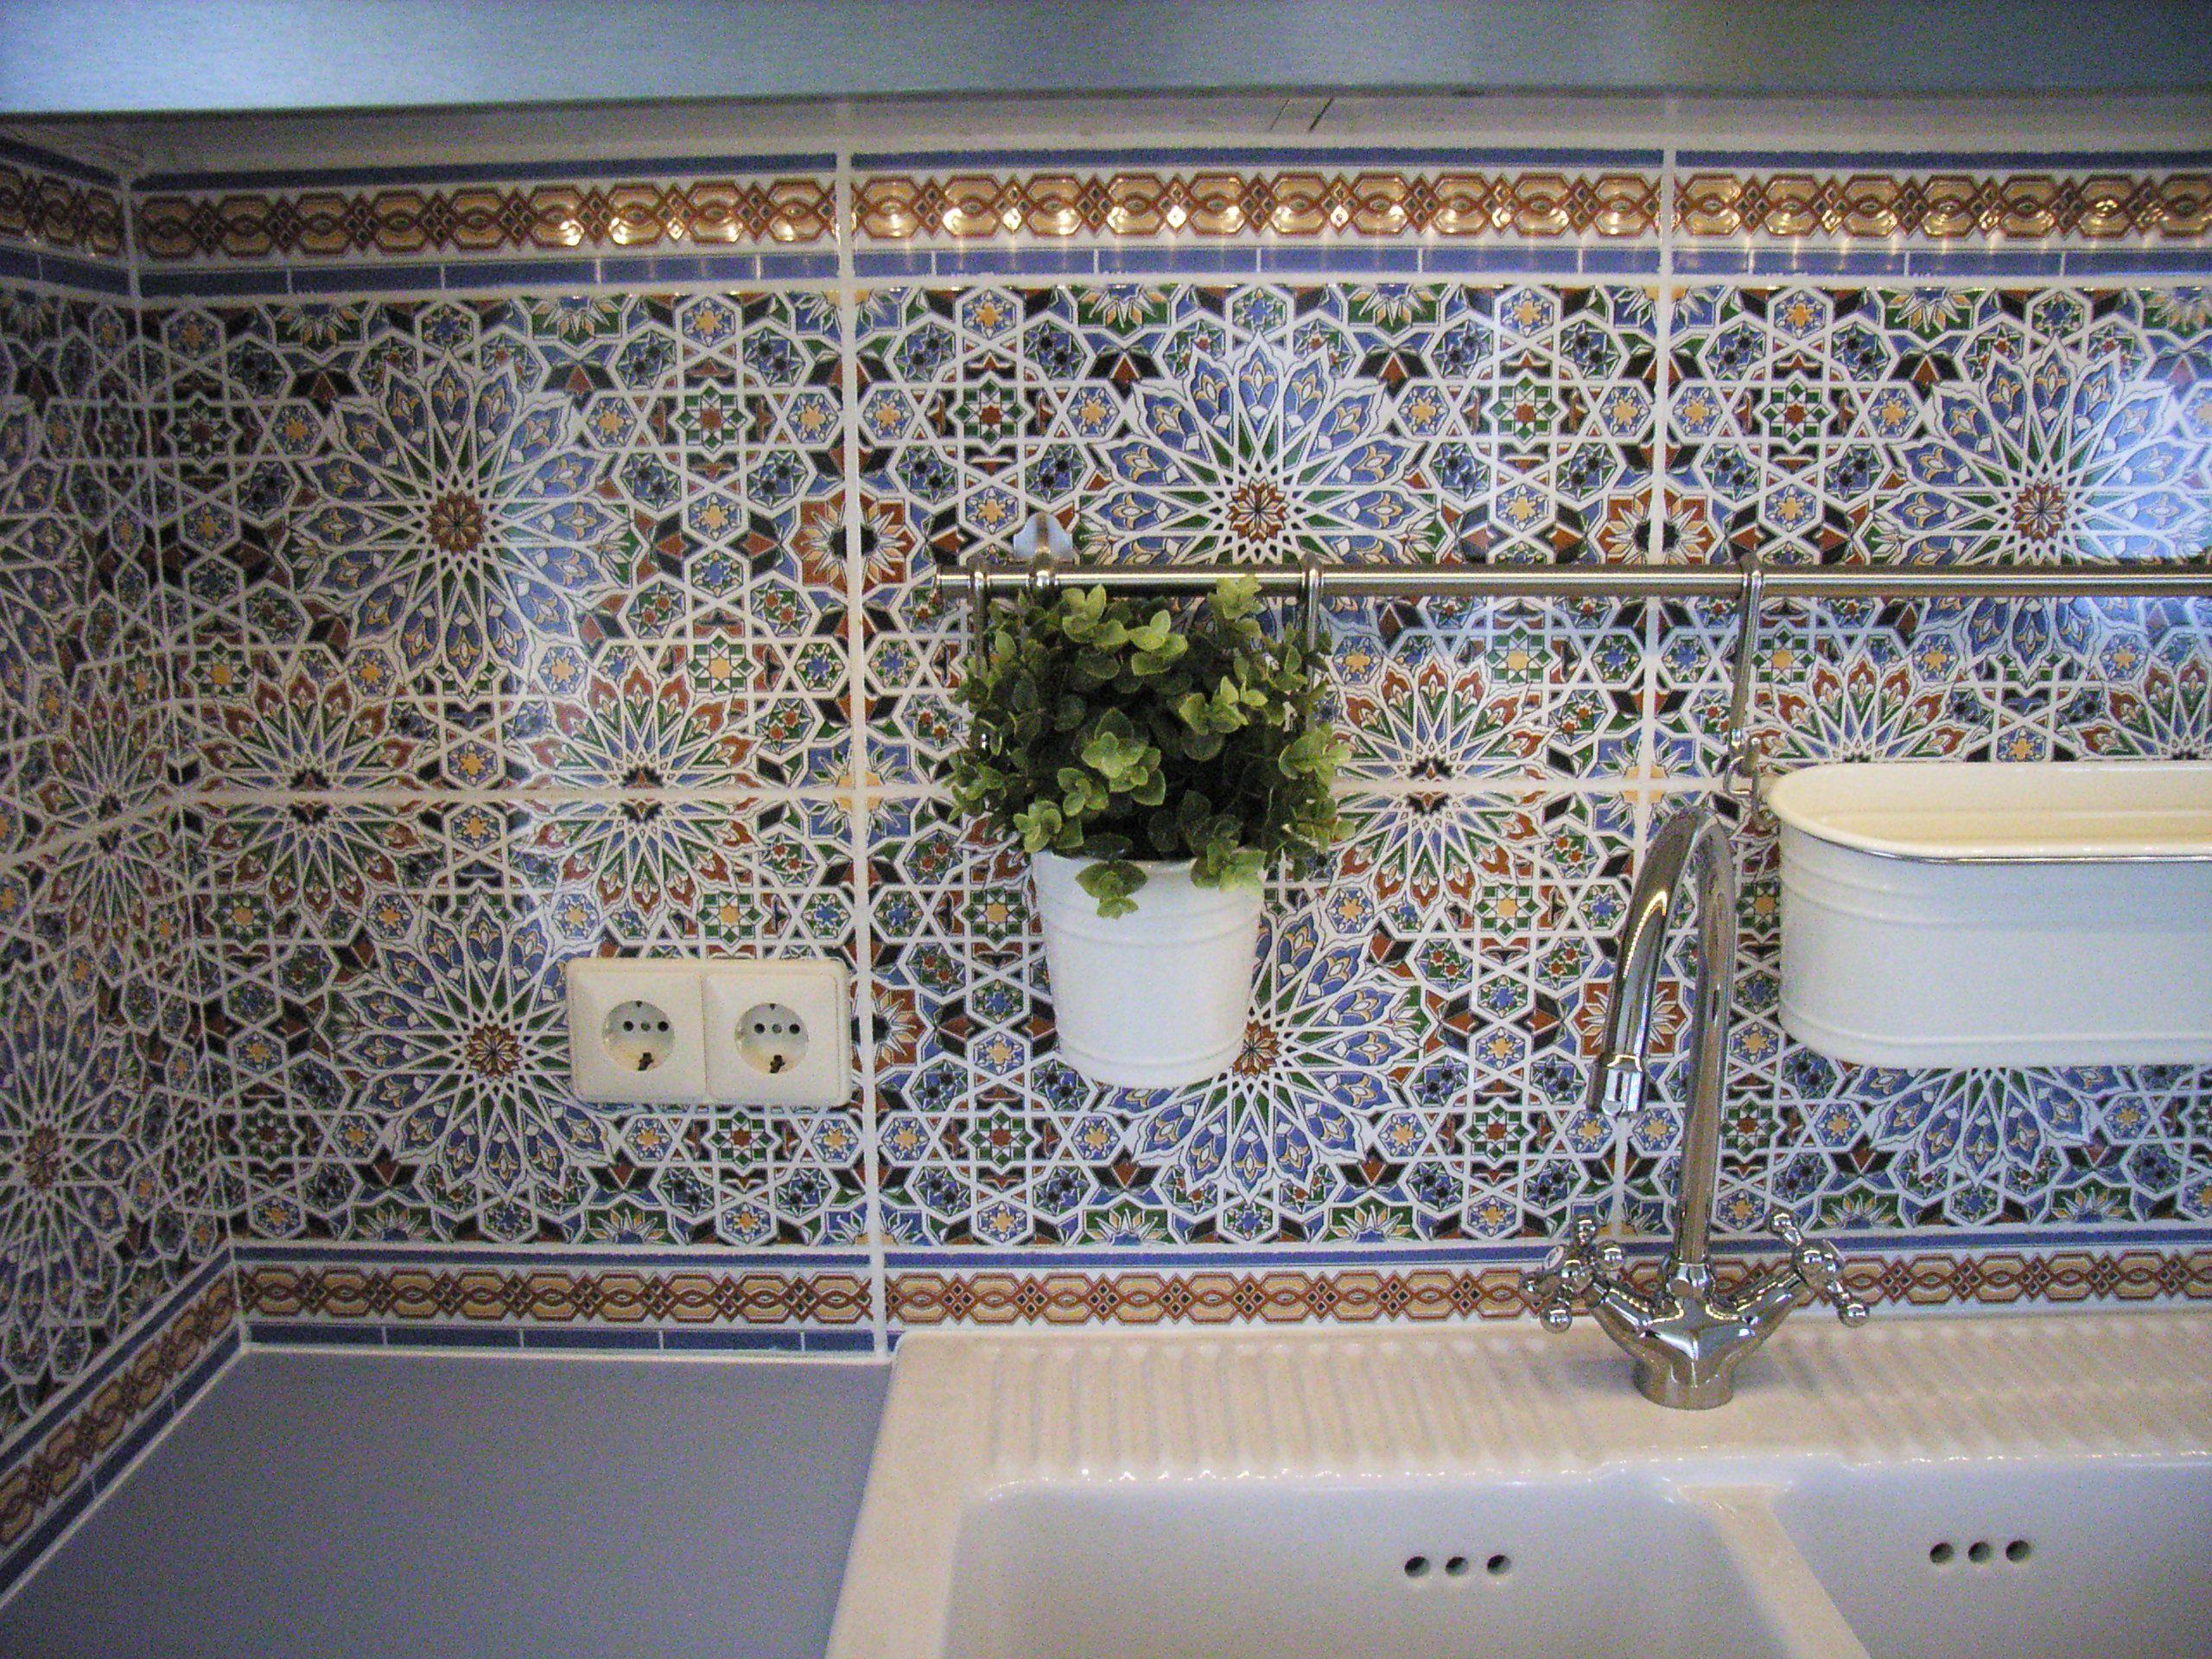 Hammam Badkamer Style : Hammam badkamer google zoeken badkamer searching